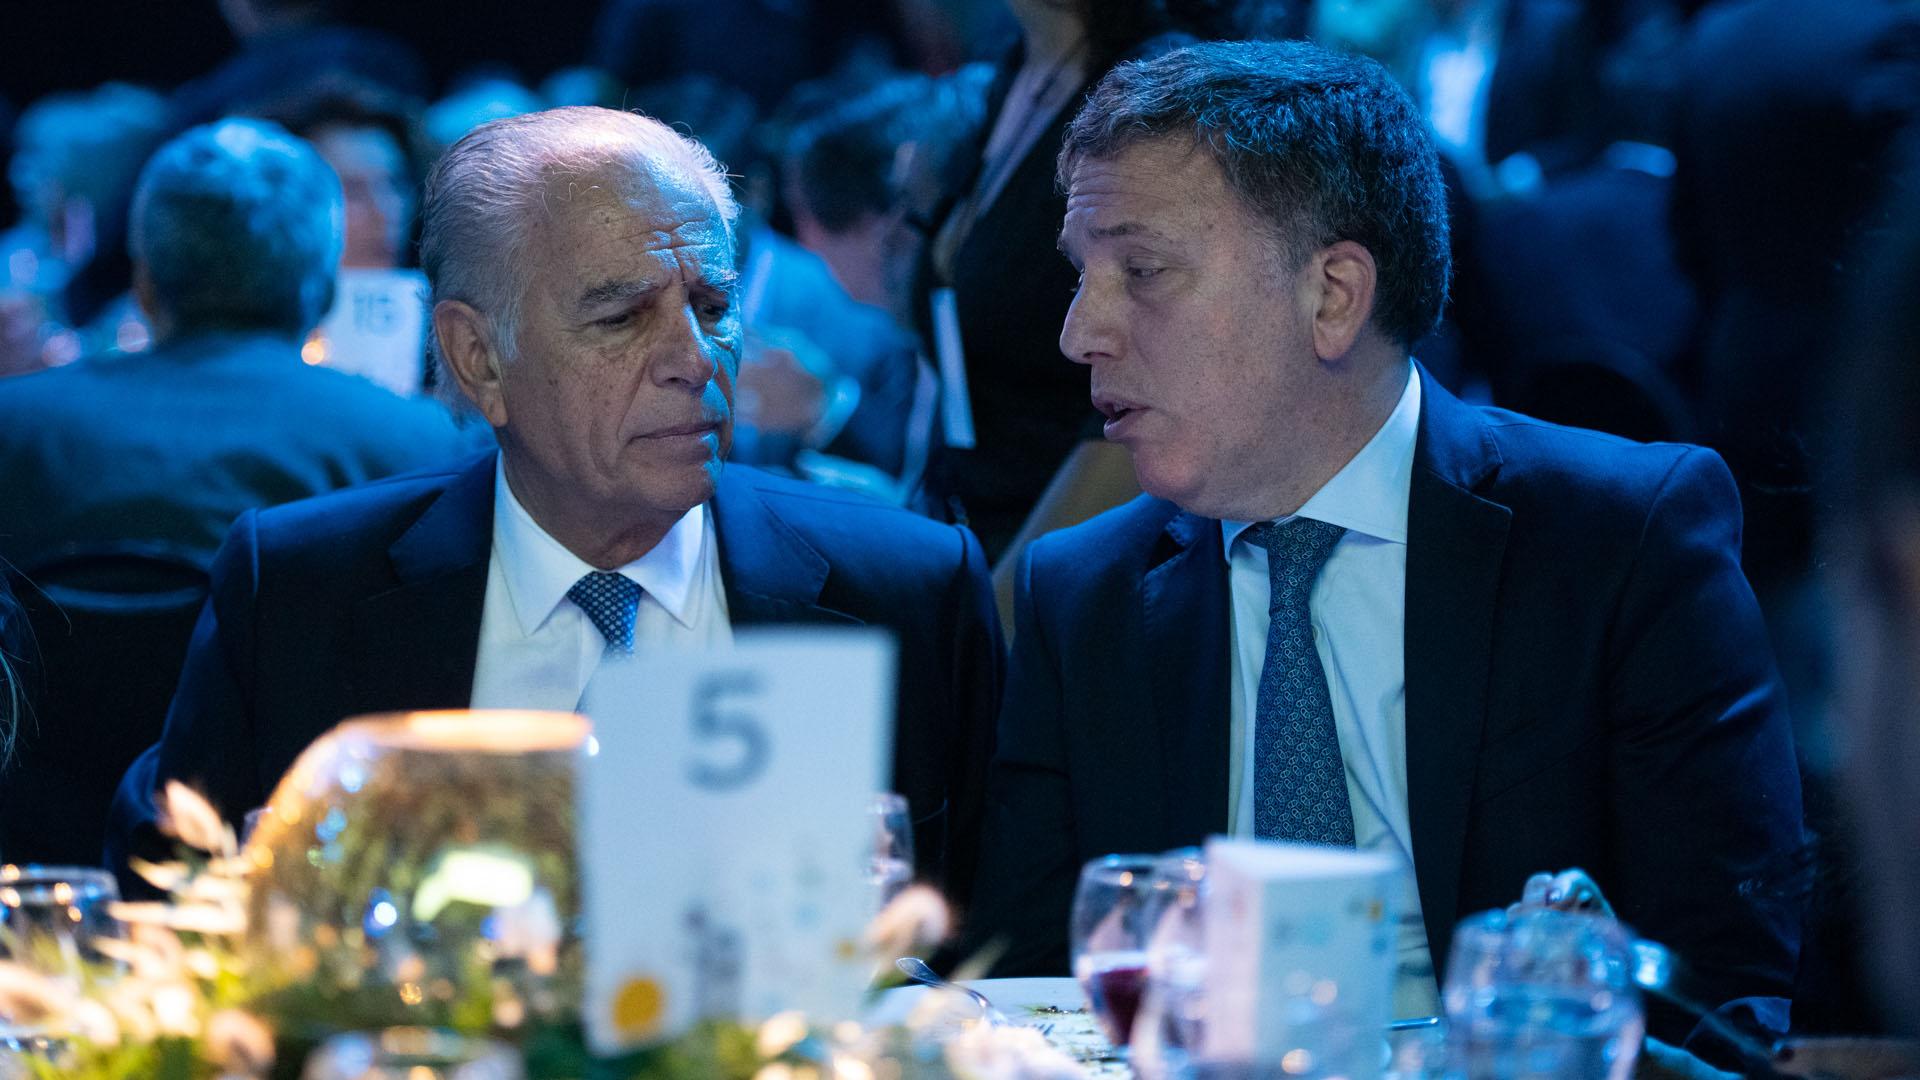 Alejando Bulgheroni, presidente presidente de Pan American Energy Group, y el ministro de Hacienda, Nicolás Dujovne